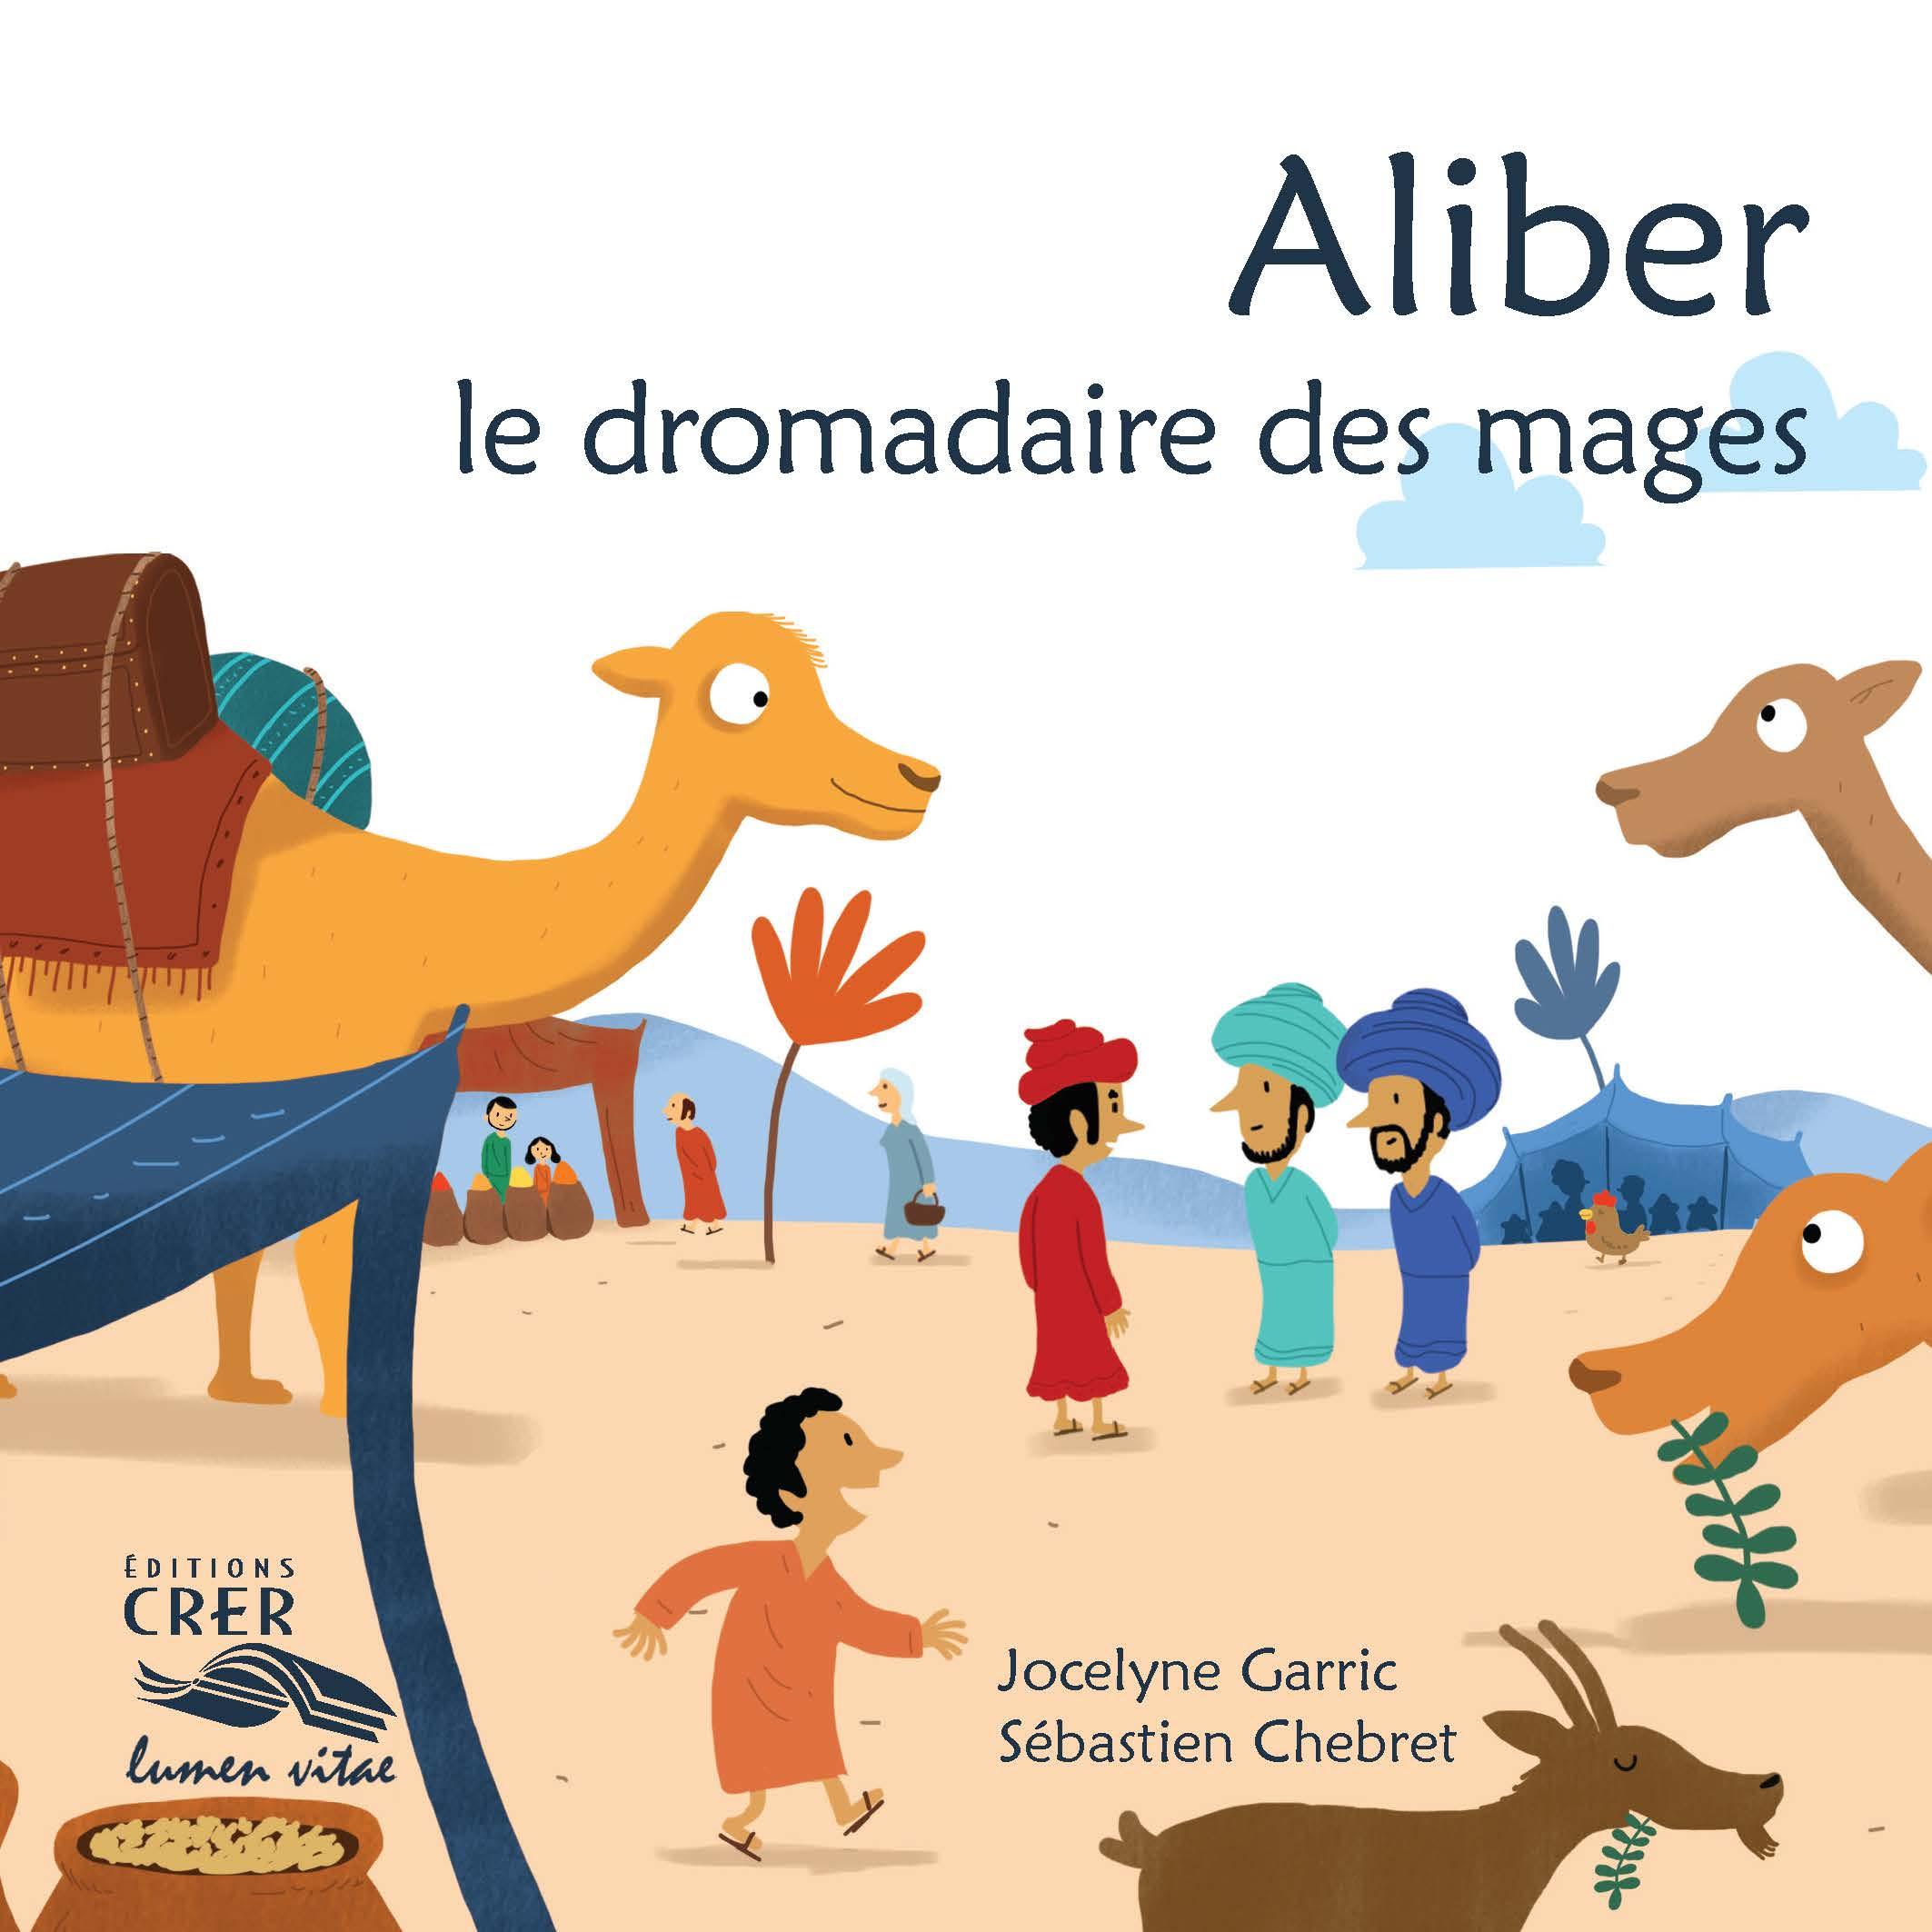 aliber_couv_hd